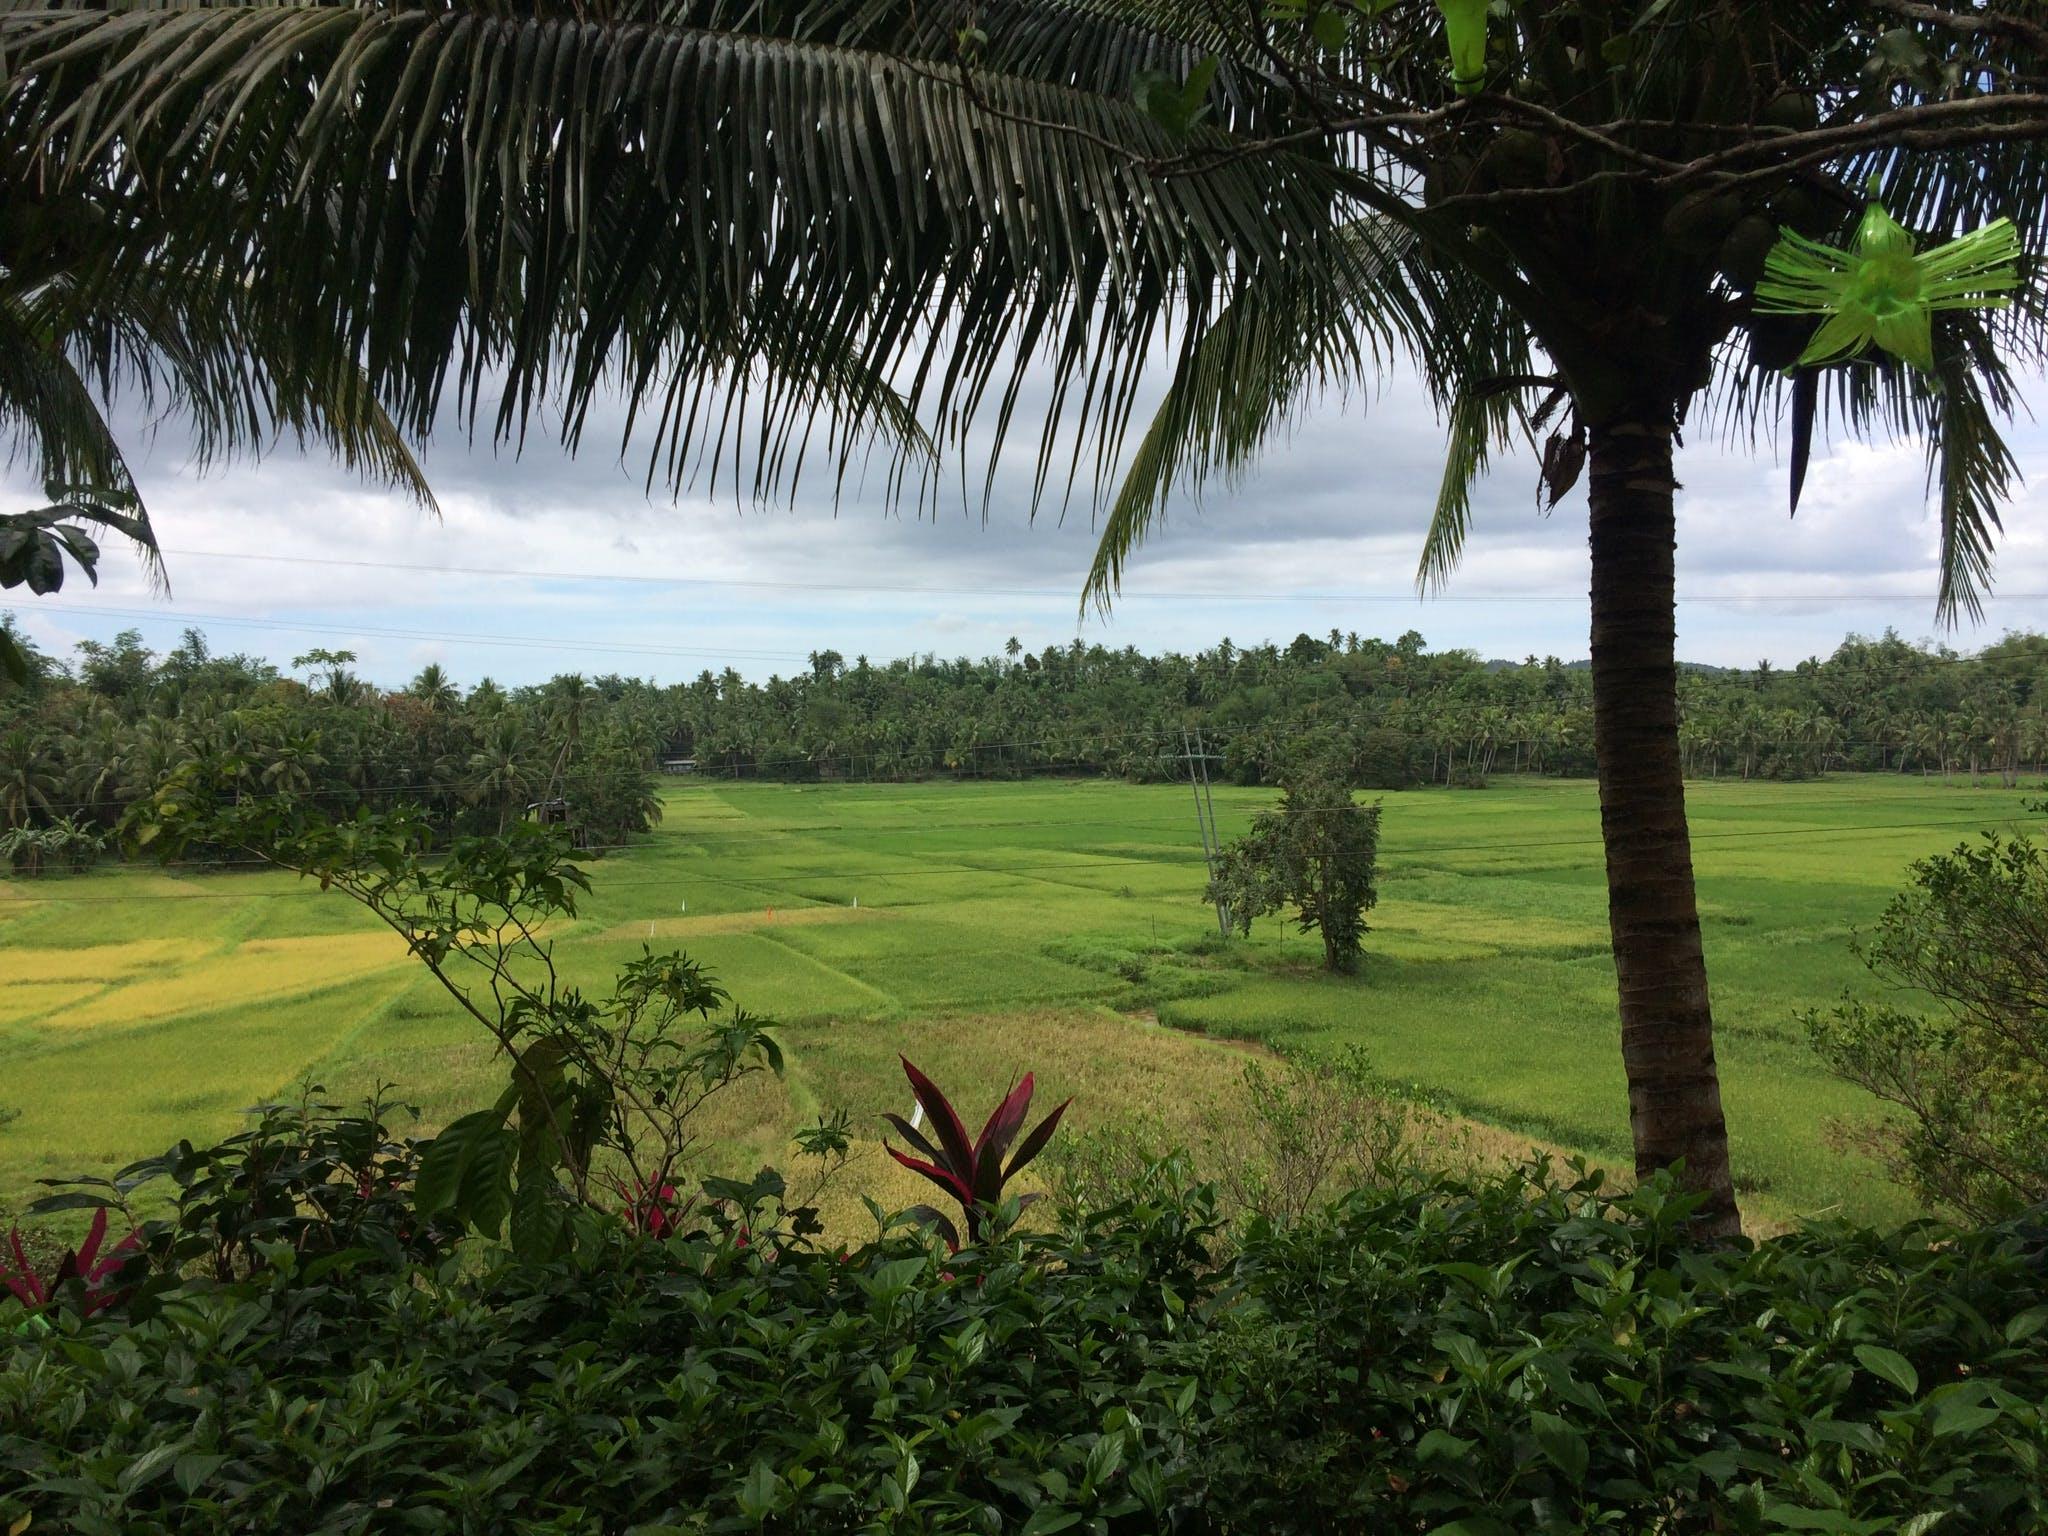 Free stock photo of dark green plants, Lopez Quezon, Philippines, rice farm